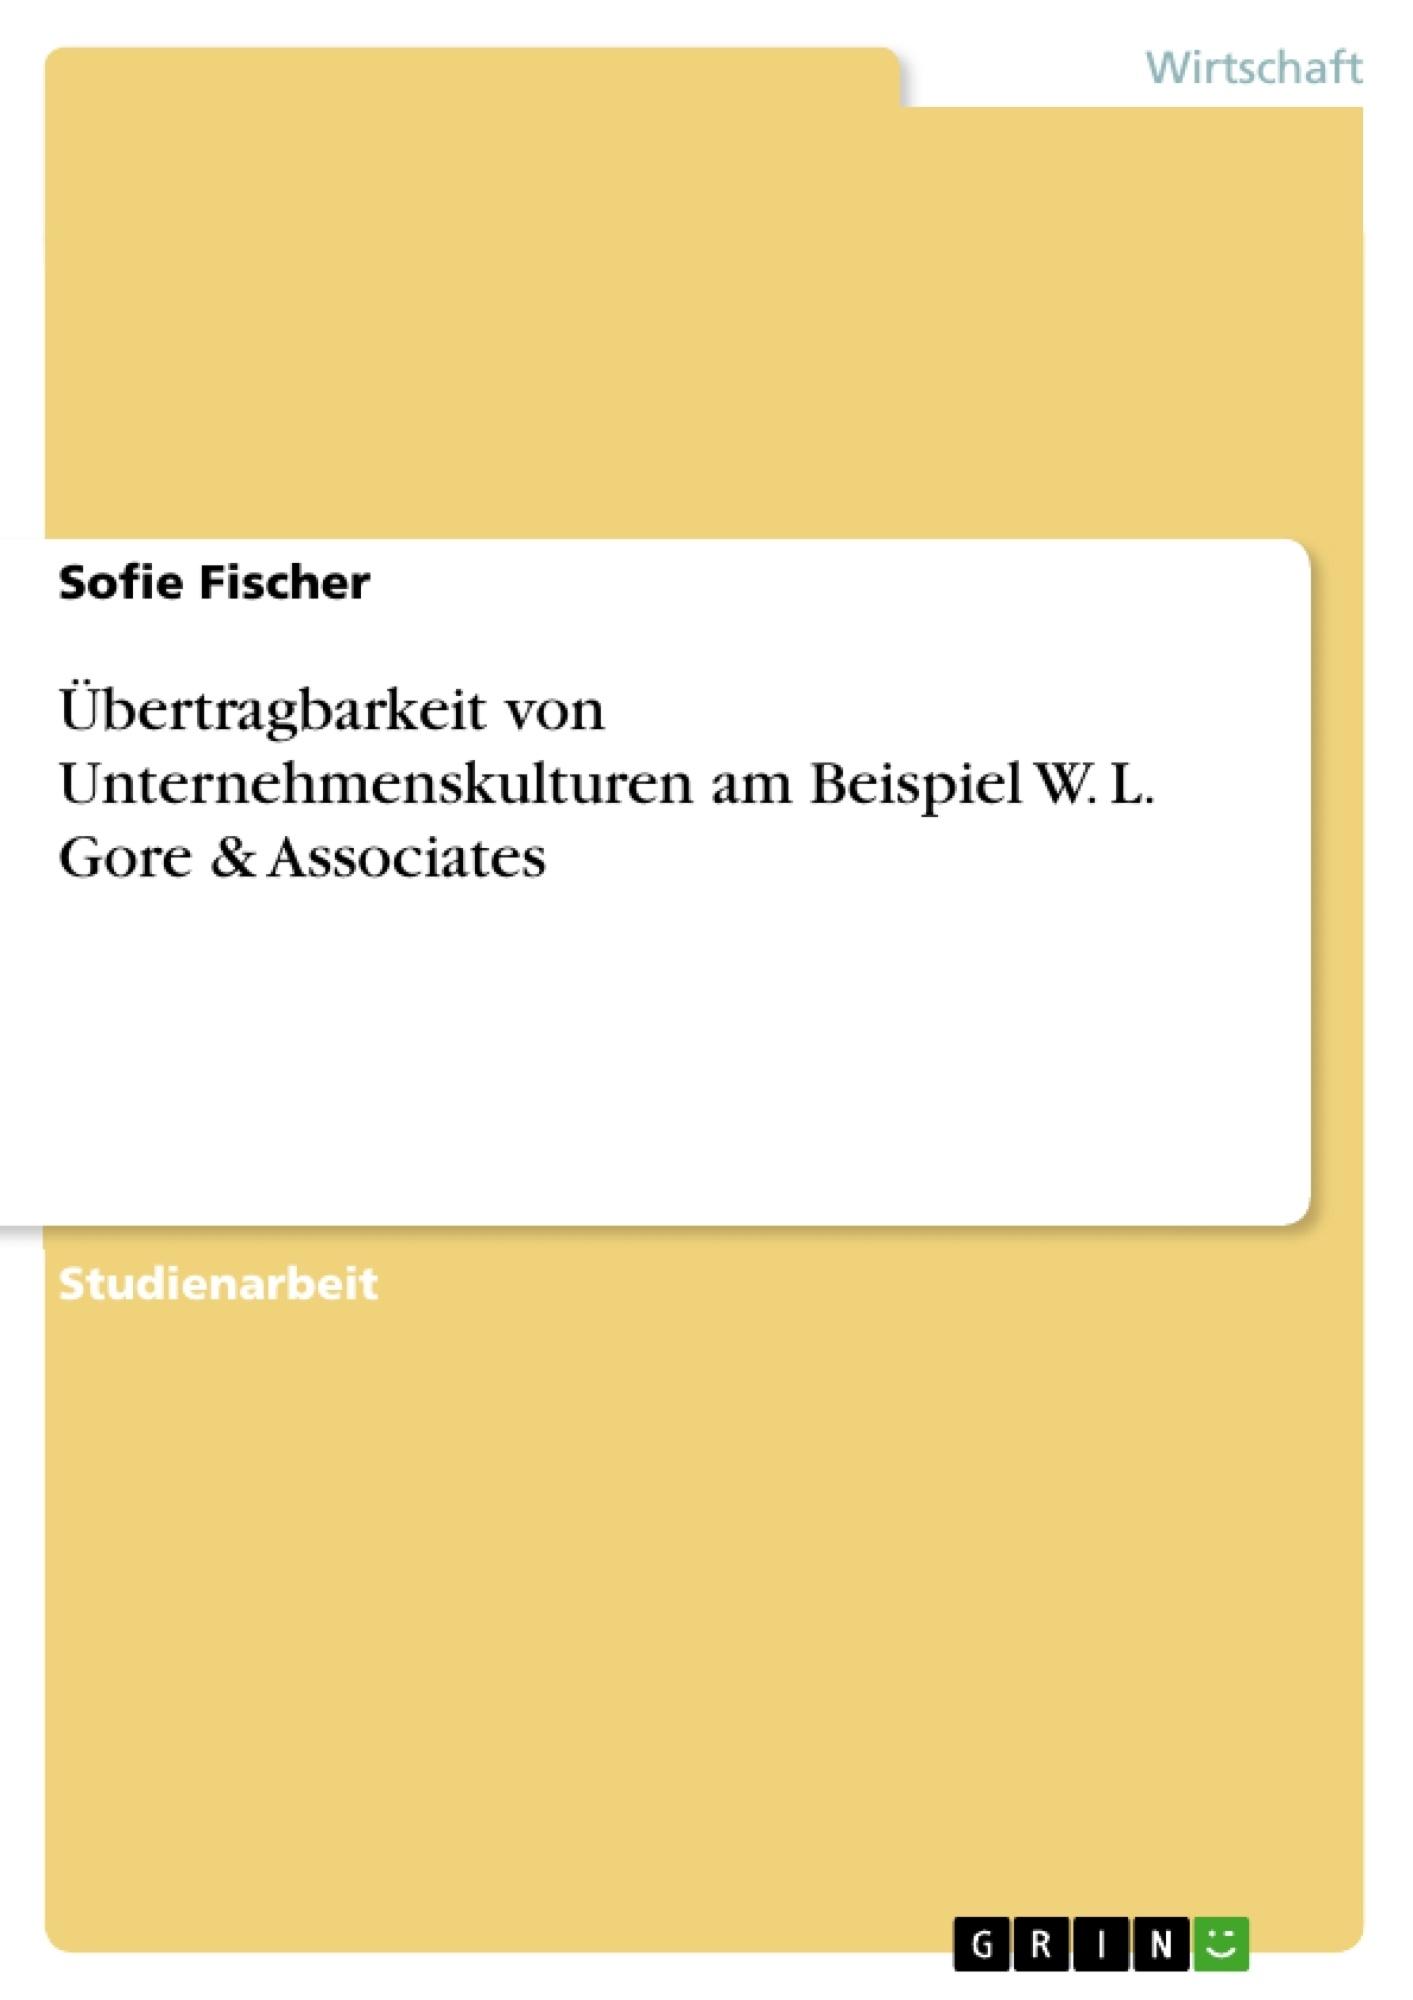 Titel: Übertragbarkeit von Unternehmenskulturen am Beispiel W. L. Gore & Associates